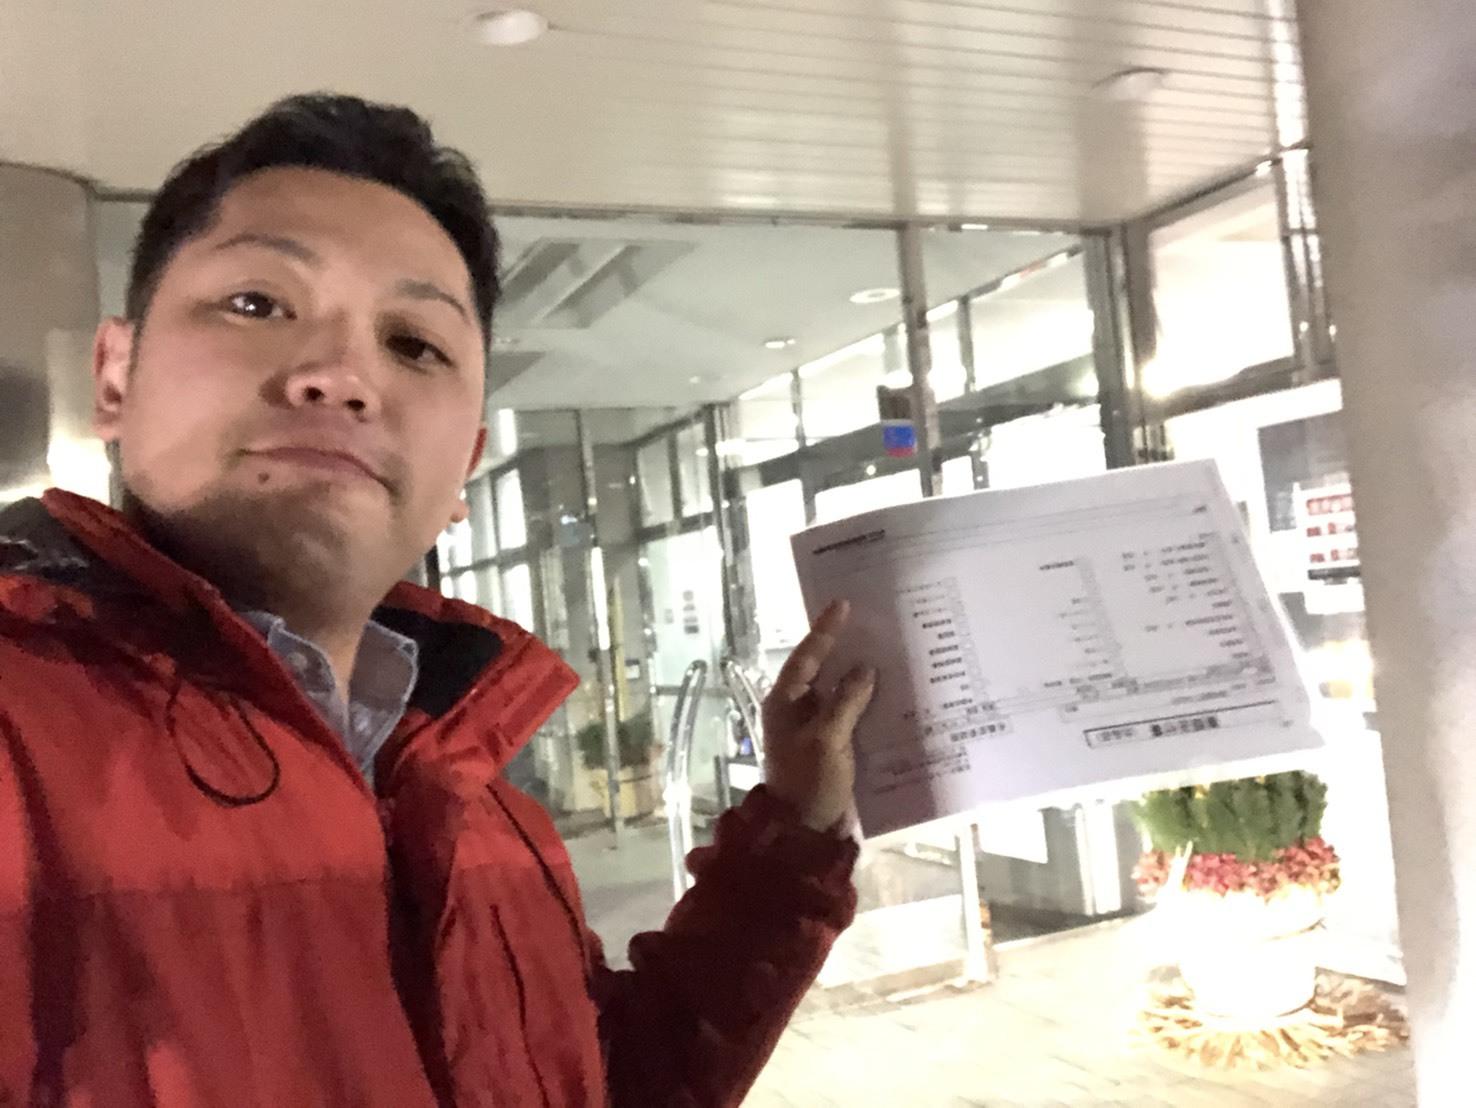 12月27日(金)トミーベースブログ☆T様レガシィワゴン納車✨✨1月7日より初売り開催🎶レクサス♬スバル限定車🎶クラウン♬フーガ🎶希少車多数✨自社ローン_b0127002_18241076.jpg